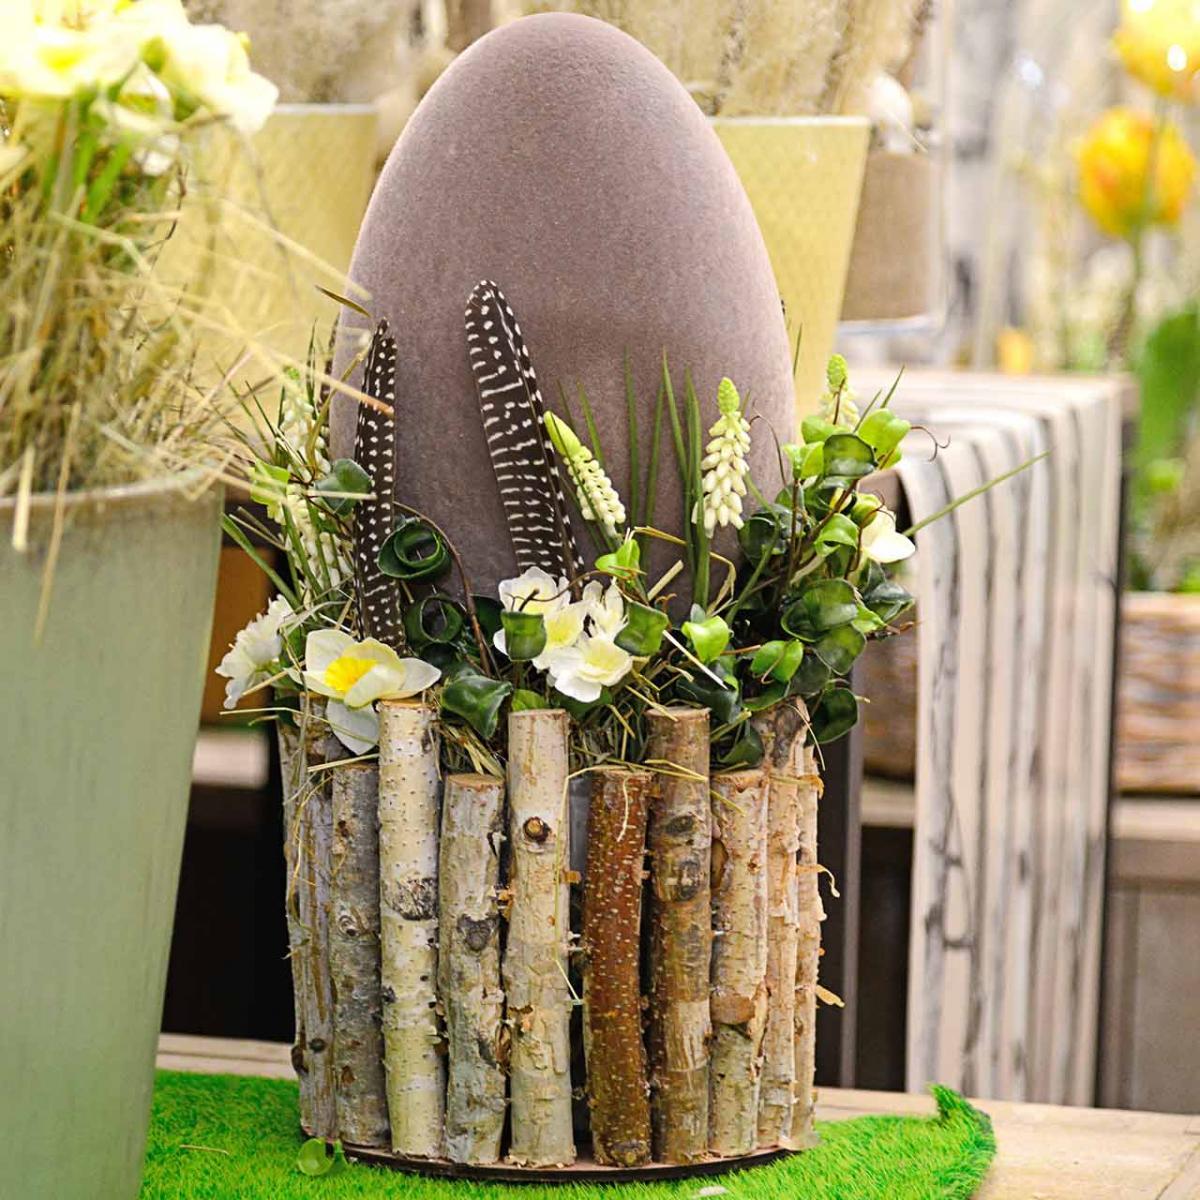 Oeuf de Pâques floqué H25cm Oeufs colorés Décoration de Pâques